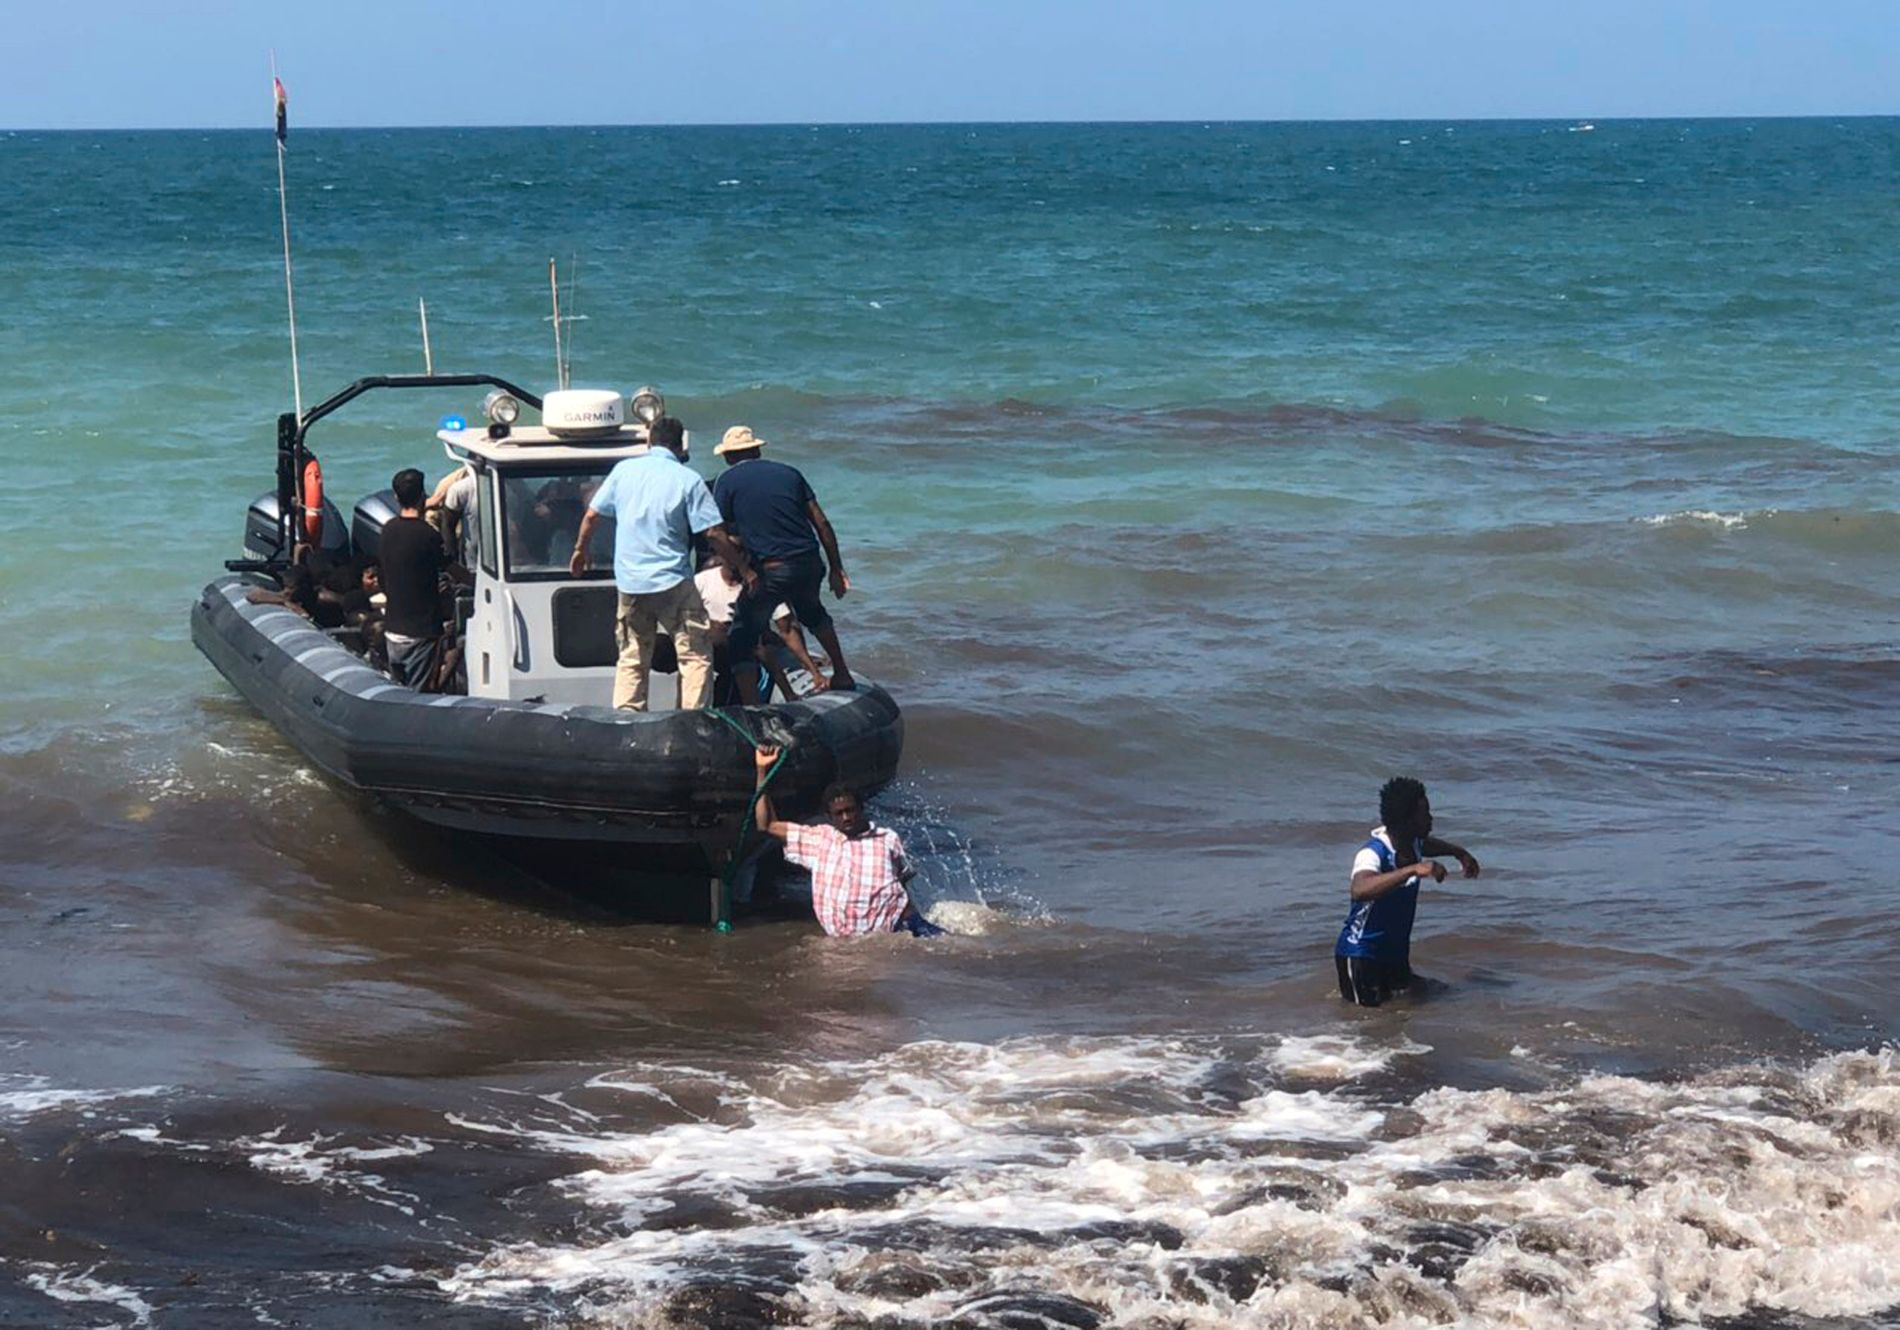 Bildet er tatt forrige onsdag av den italienske kystvakten og viser afrikanske migranter som ble berget fra en ødelagt gummibåt i Middelhavet og brakt i land øst for Libyas hovedstad Tripoli. Foto: Libyan Coast Guard via AP / NTB scanpix